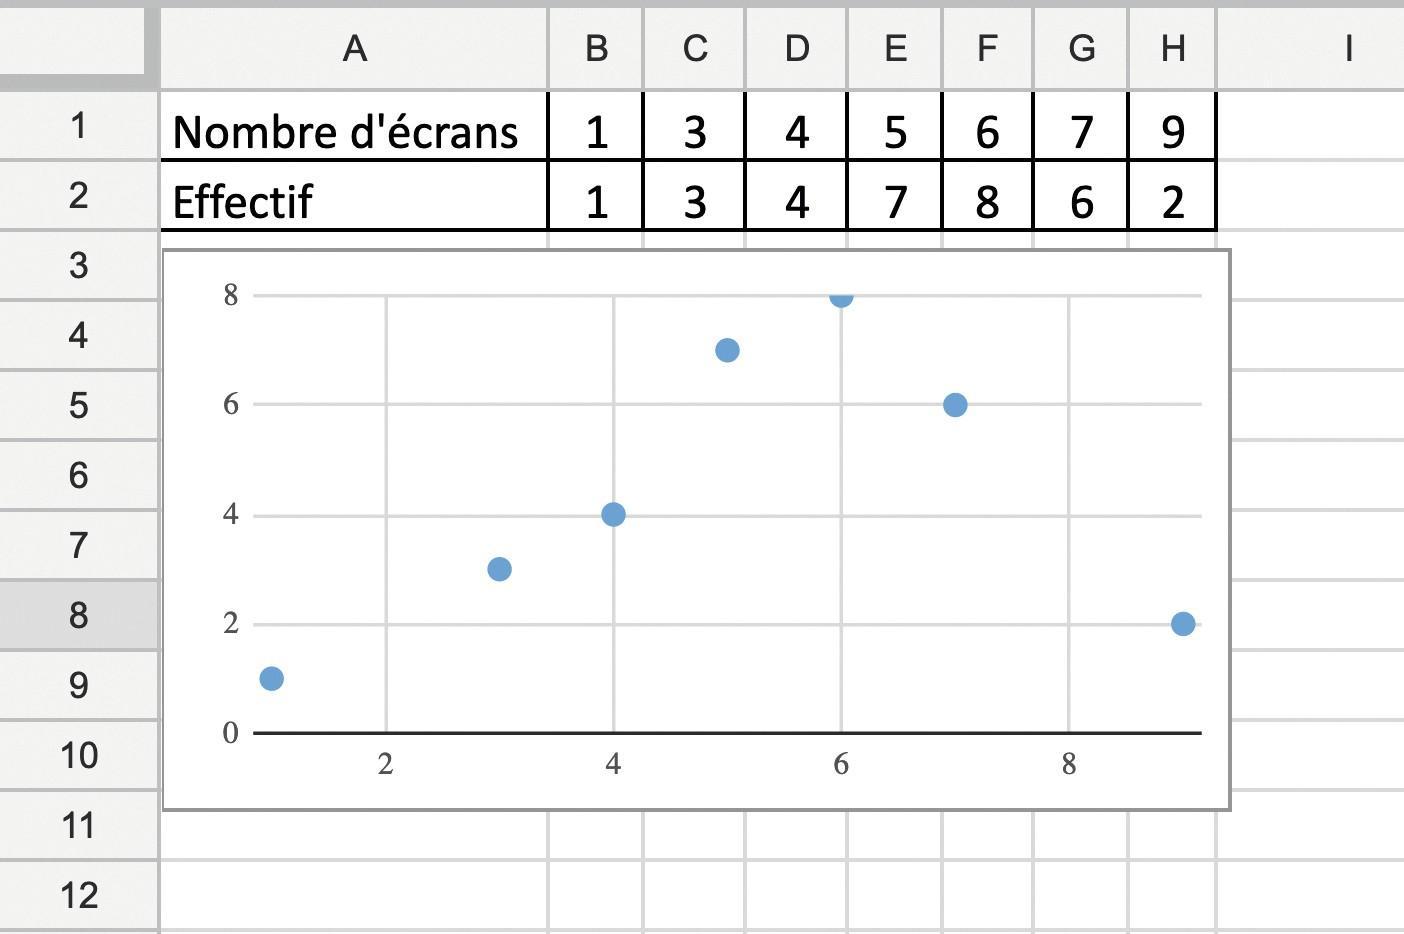 Analyser une série statistique présentée sous forme de tableau - Tableur - Méthode 3